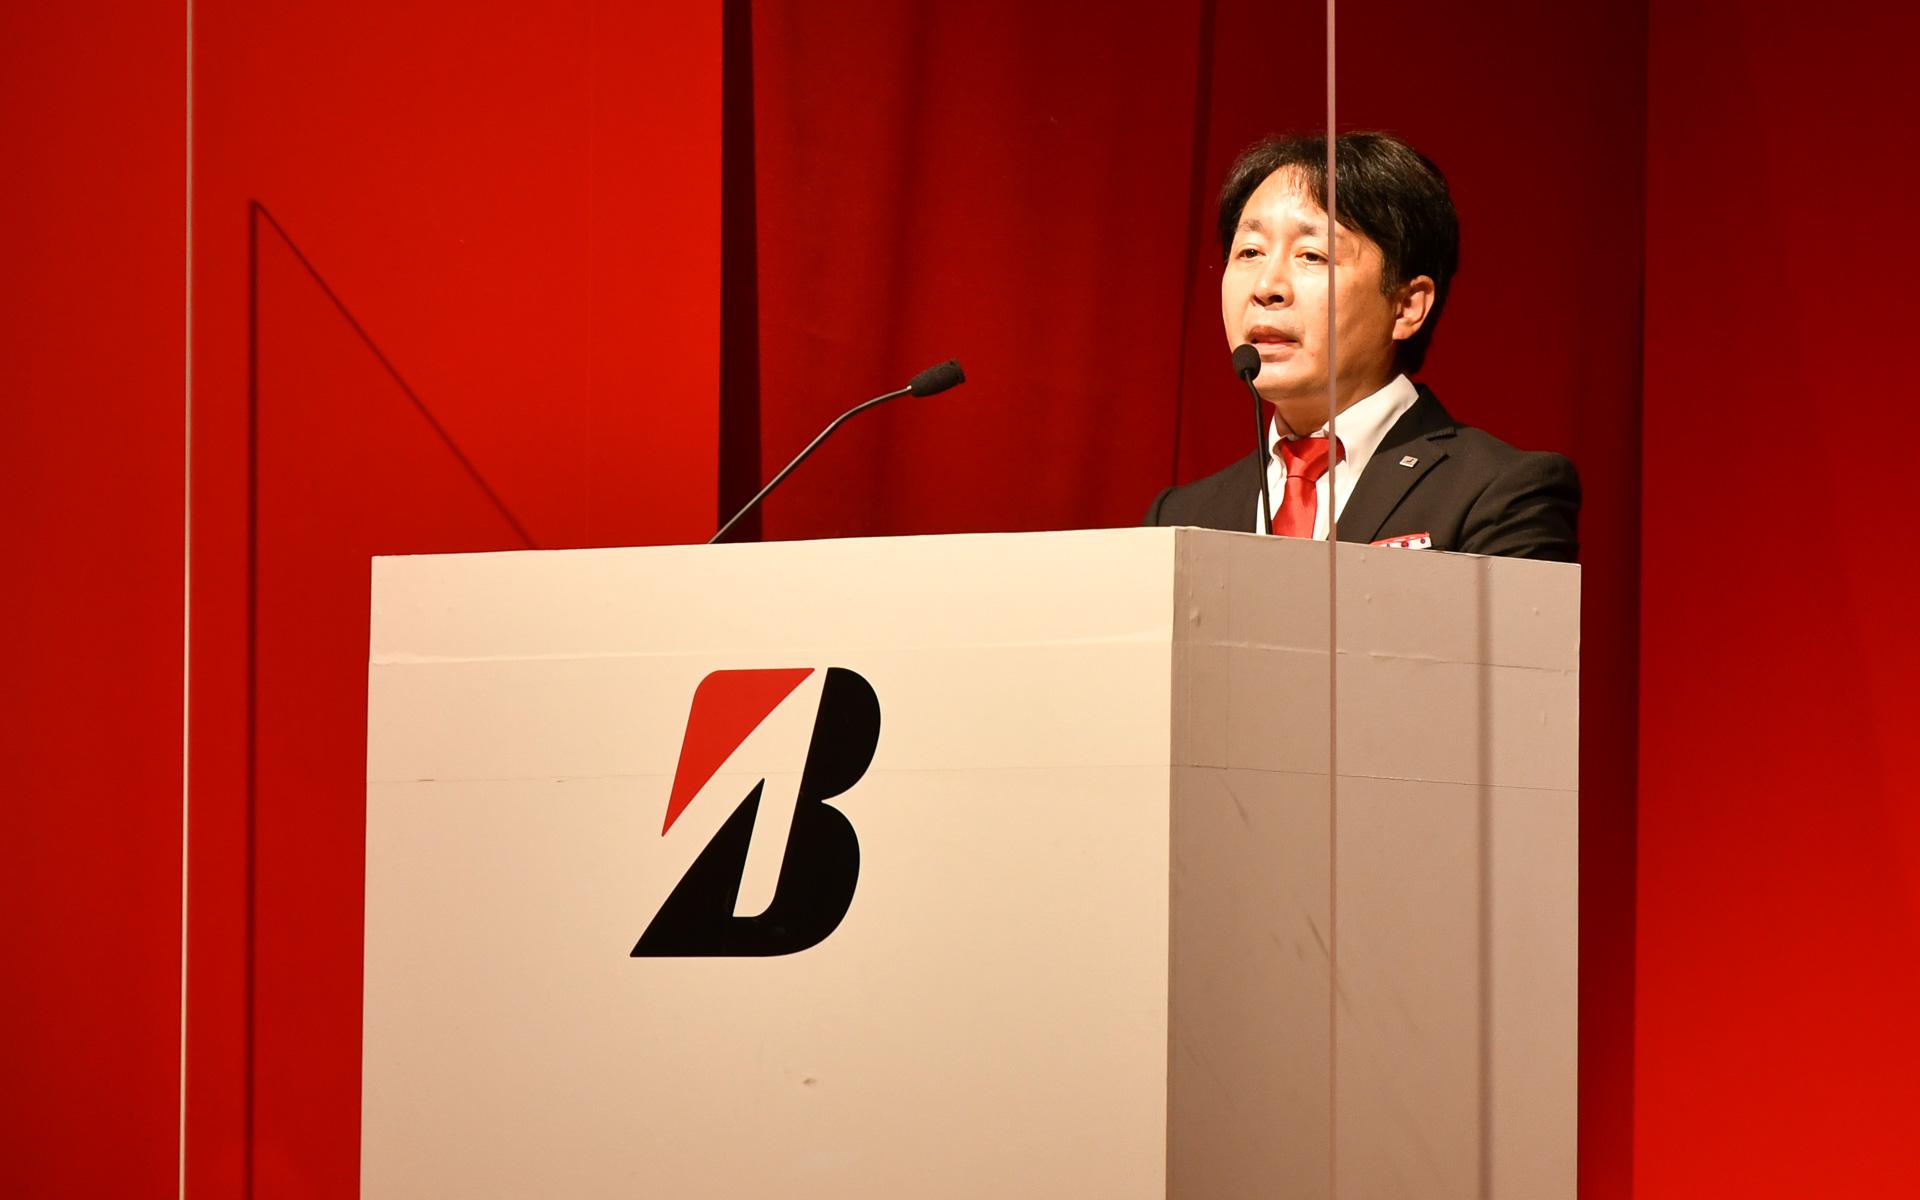 ブリヂストンタイヤソリューションジャパン株式会社 常務執行役員 商品戦略担当 長島淳二氏